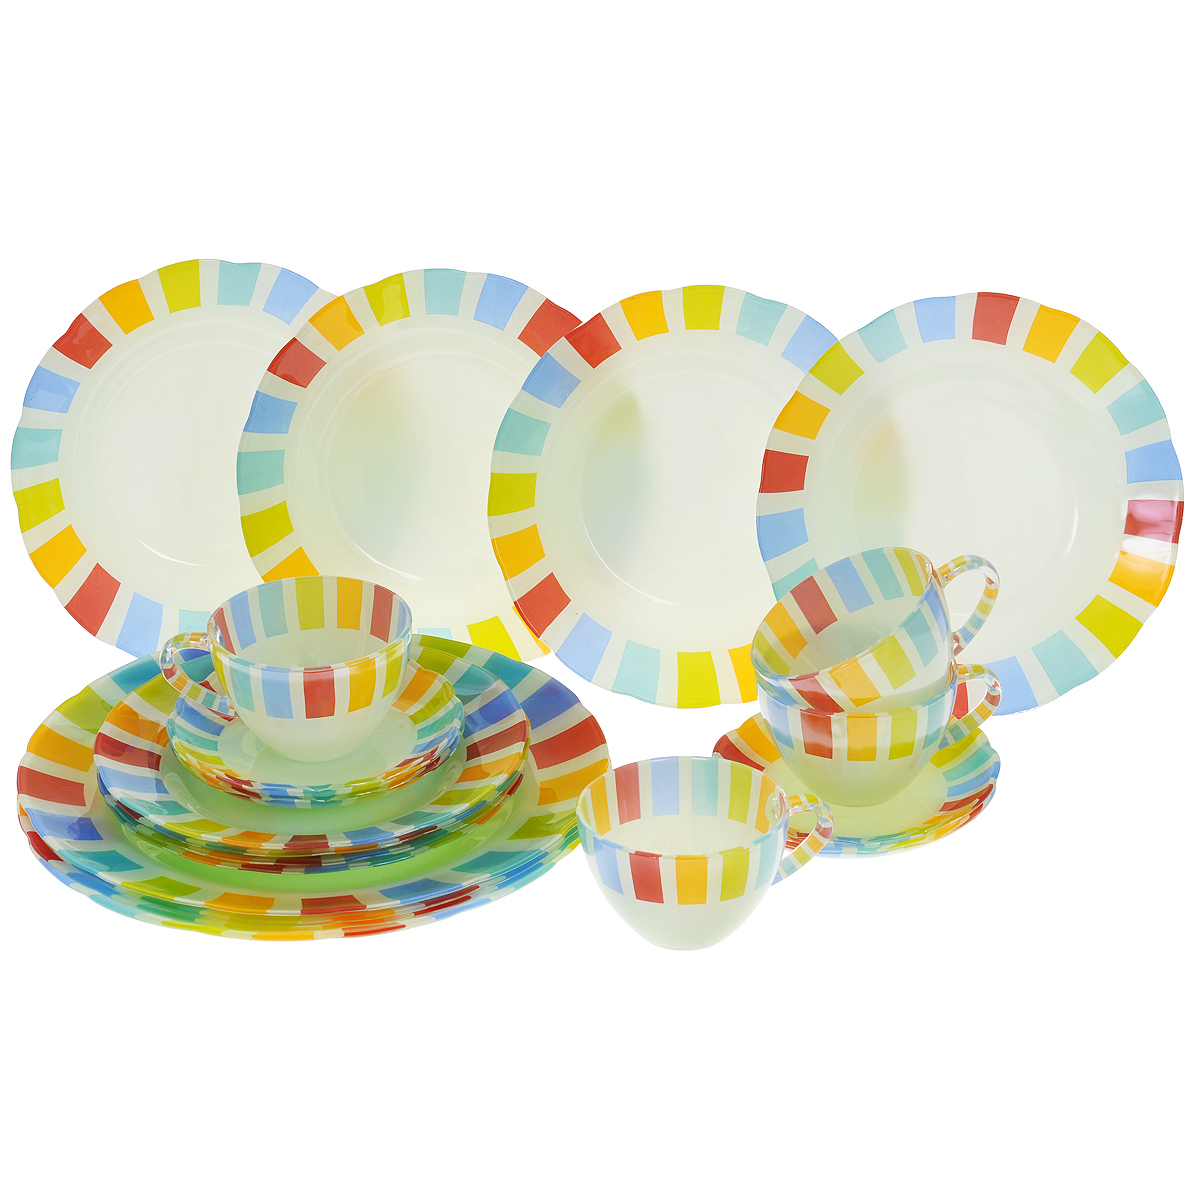 Набор посуды Радуга, 20 предметов14051Набор посуды Радуга состоит из 4 суповых тарелок, 4 обеденных тарелок, 4 десертных тарелок, 4 блюдец, 4 чашек. Изделия выполнены из высококачественного стекла и оформлены яркой разноцветной каймой. Столовый набор эффектно украсит стол к обеду, а также прекрасно подойдет для торжественных случаев.